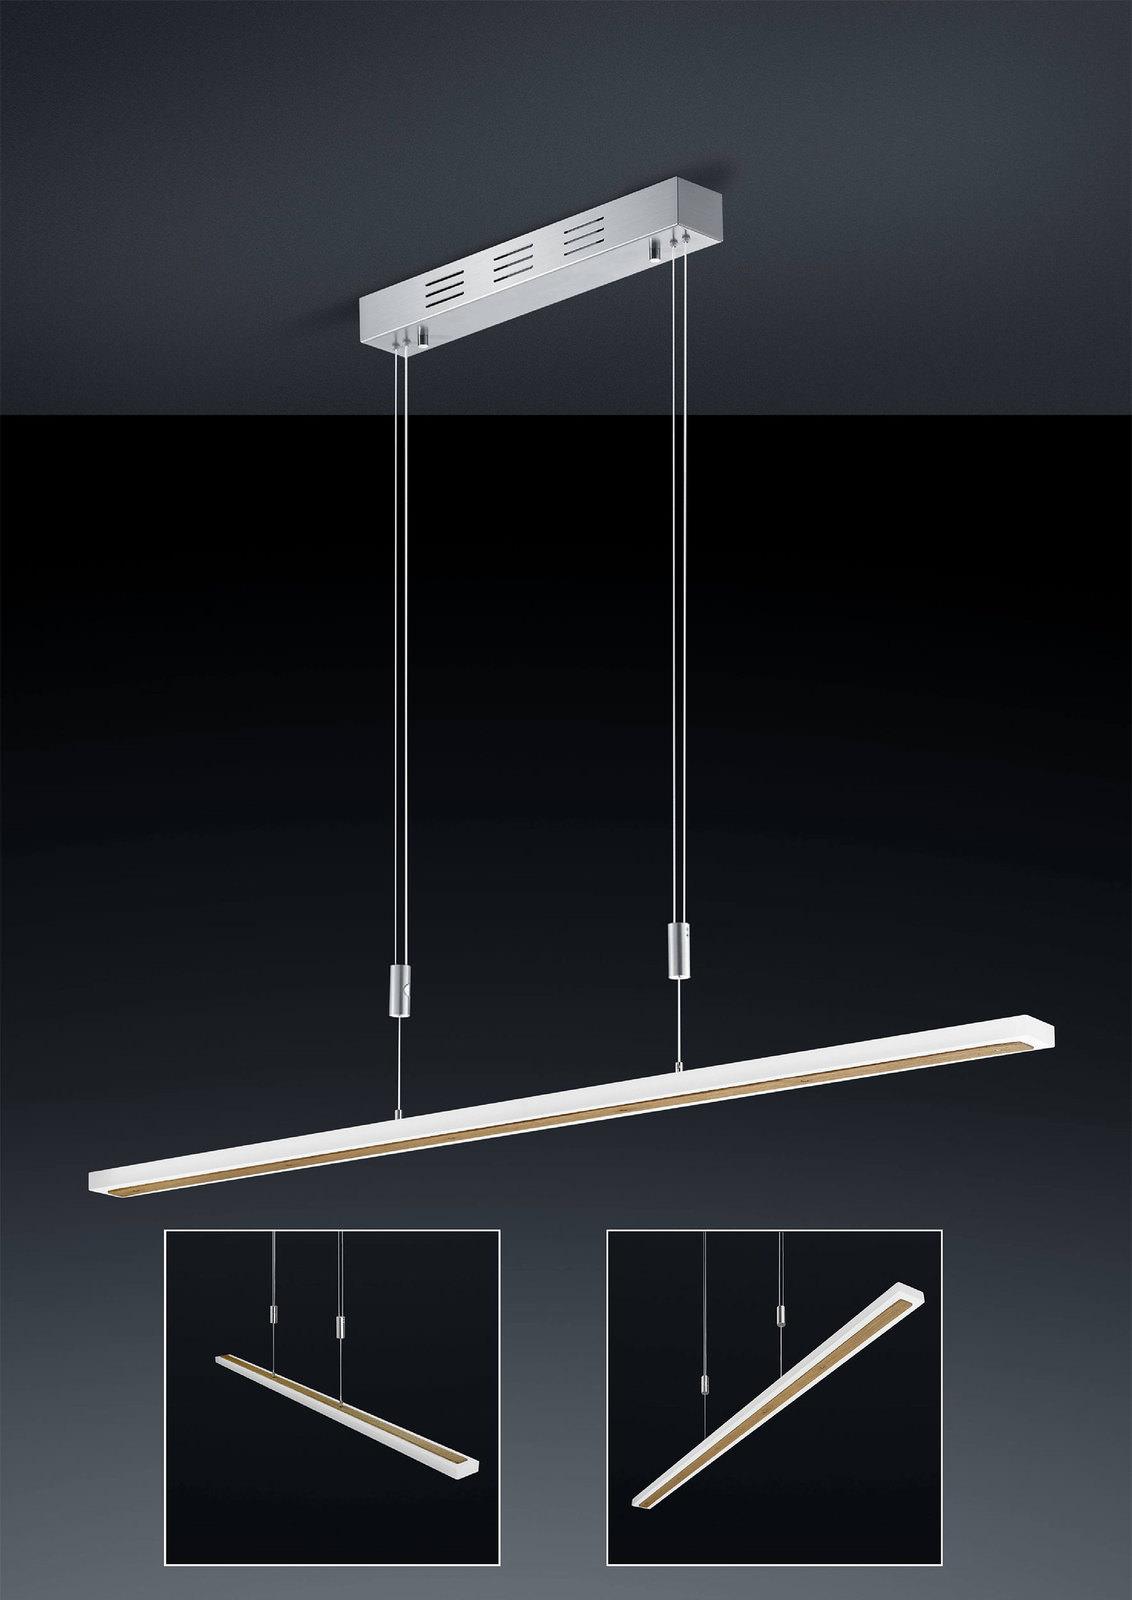 Bankamp led pendelleuchte gaya wood online entdecken for Schaffrath lampen